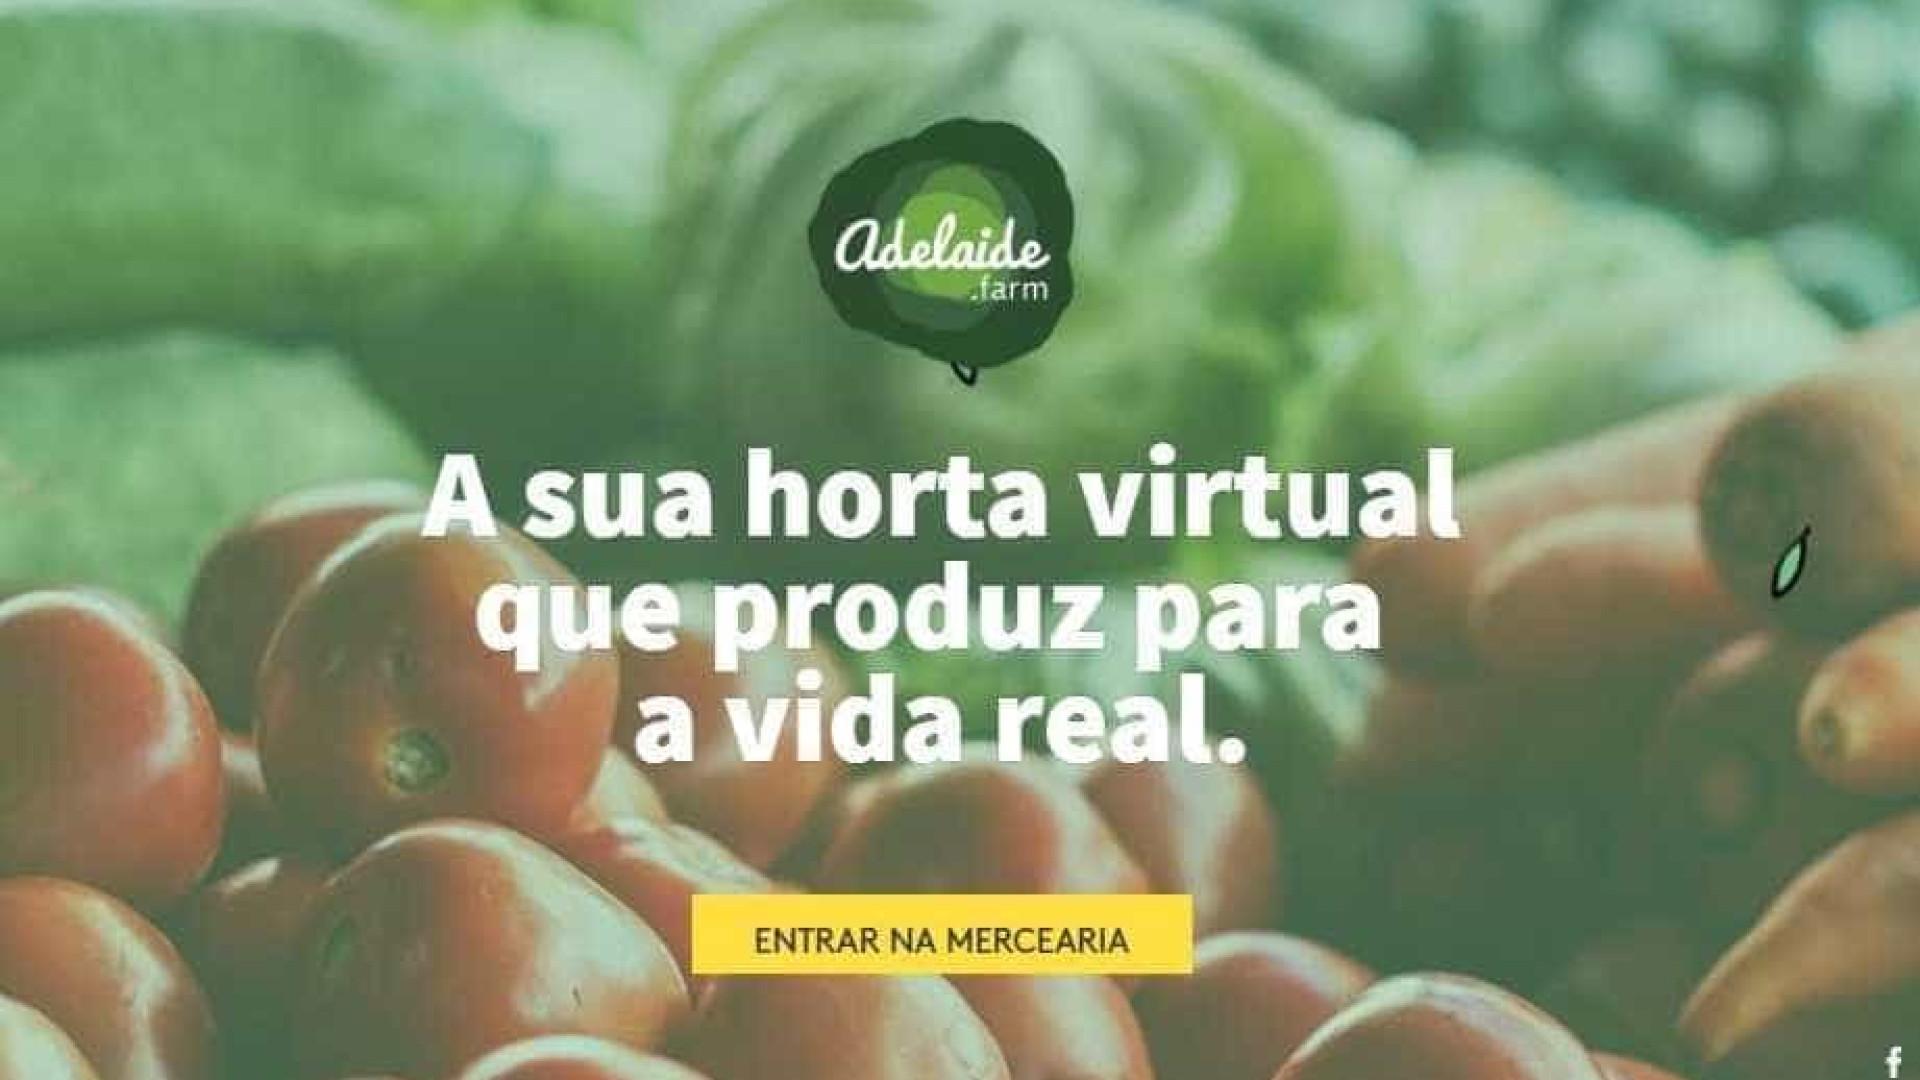 Nova plataforma virtual vai ligar agricultores e consumidores do país